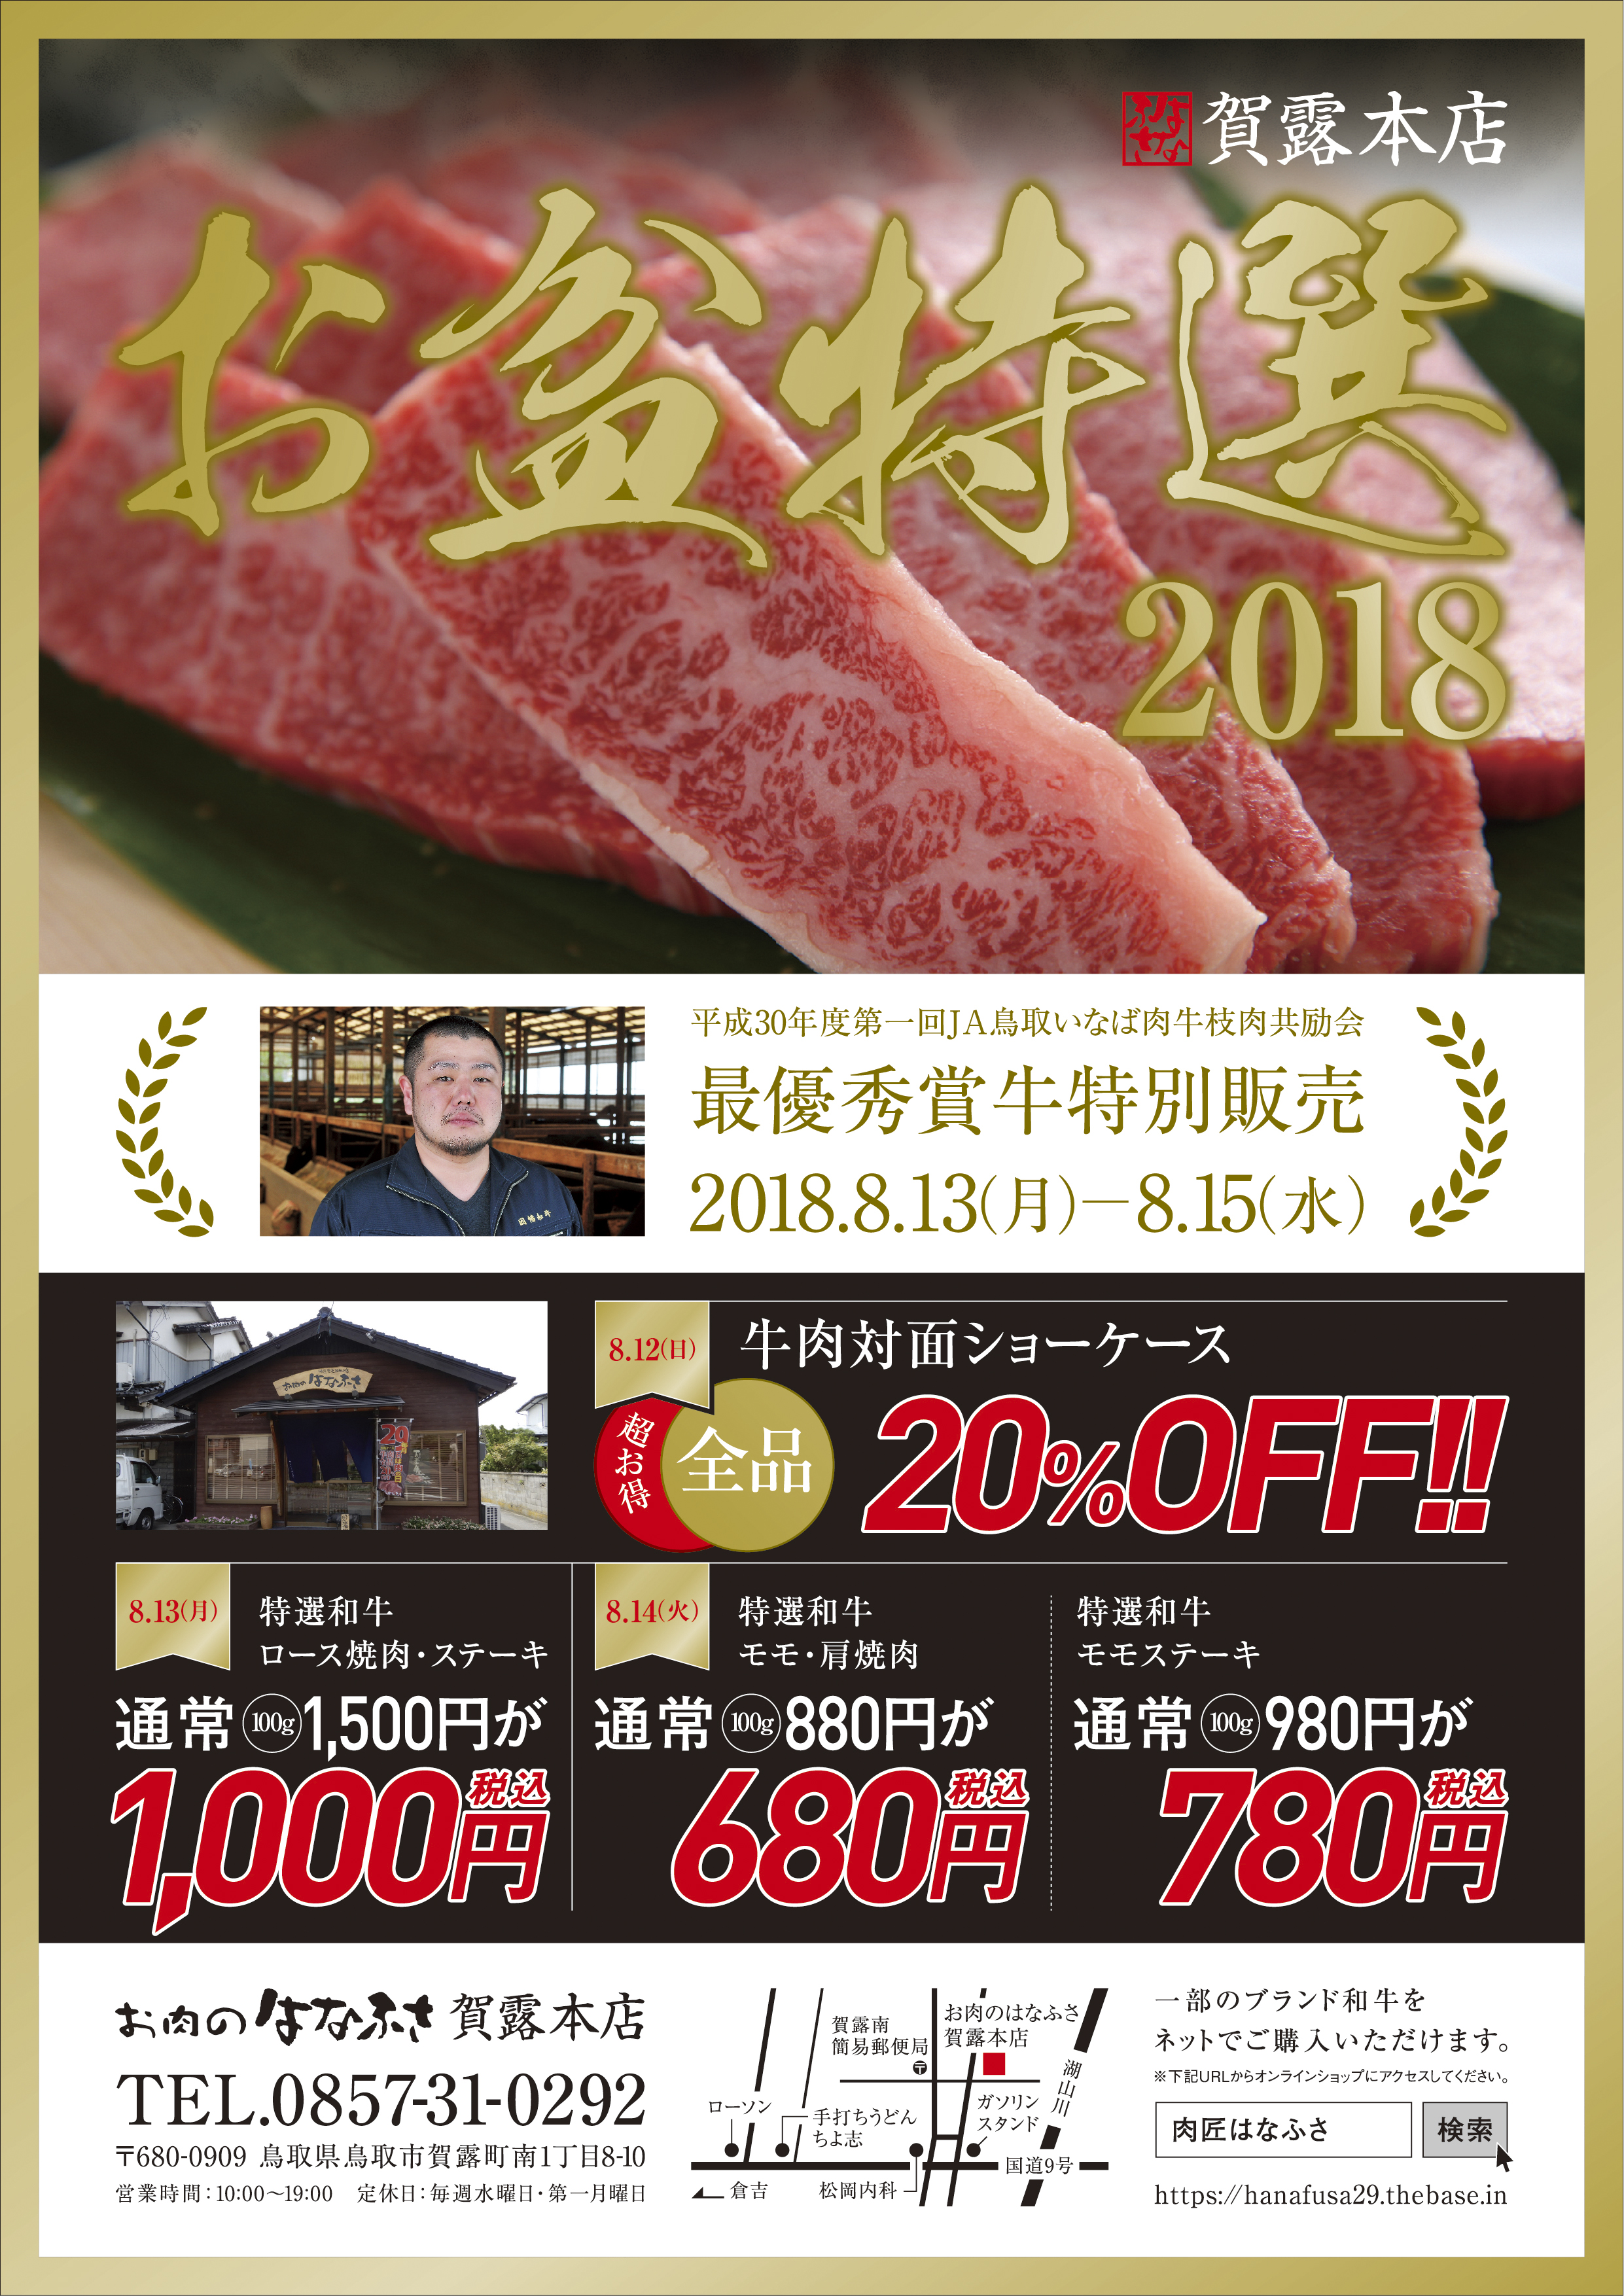 お肉のはなふさ賀露本店 お盆特選2018